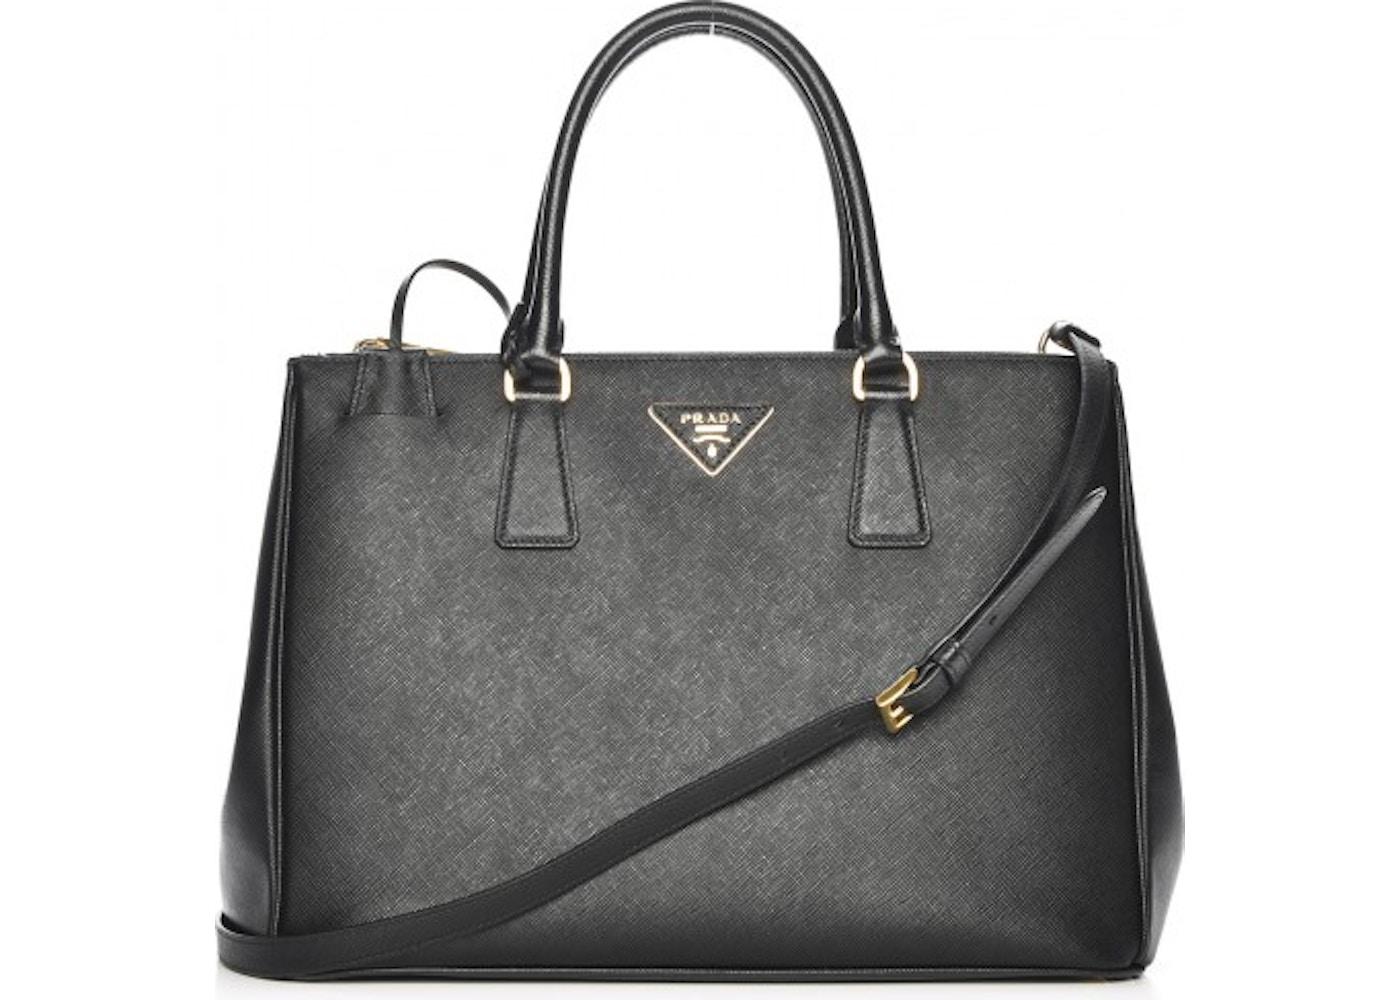 53fbe99546e6 Prada Galleria Double Zip Tote Saffiano Medium Nero Black